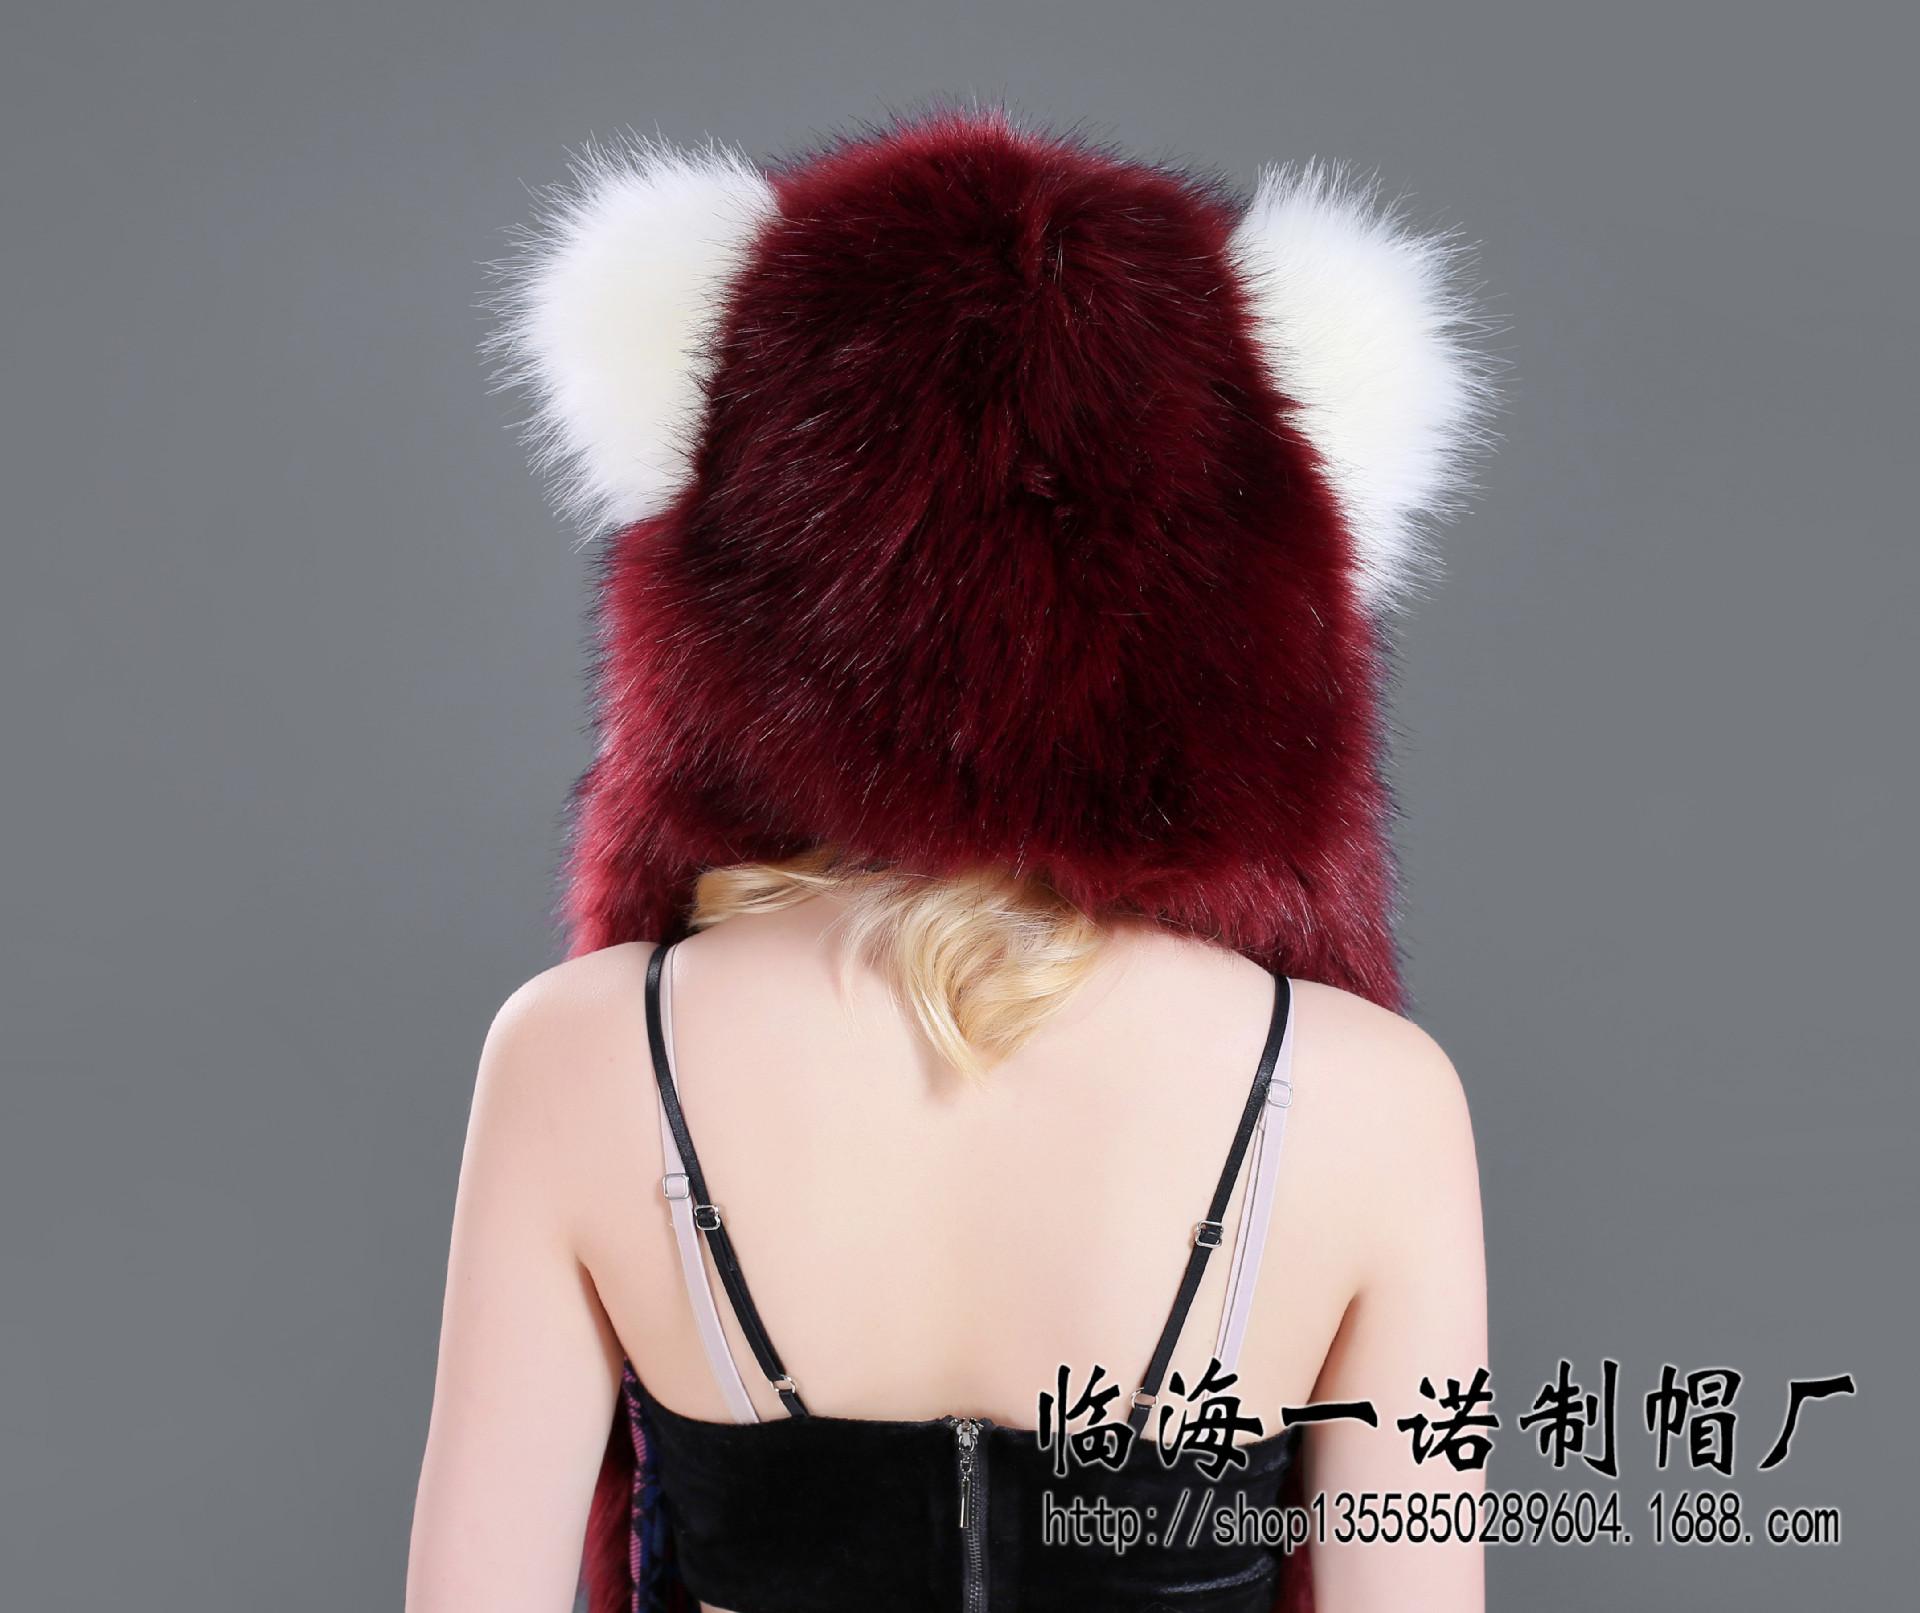 帽子狐狸毛 速卖通欧美仿皮草毛毛毛绒卡通动物帽帽子围巾手套一体狐狸毛 阿里巴巴